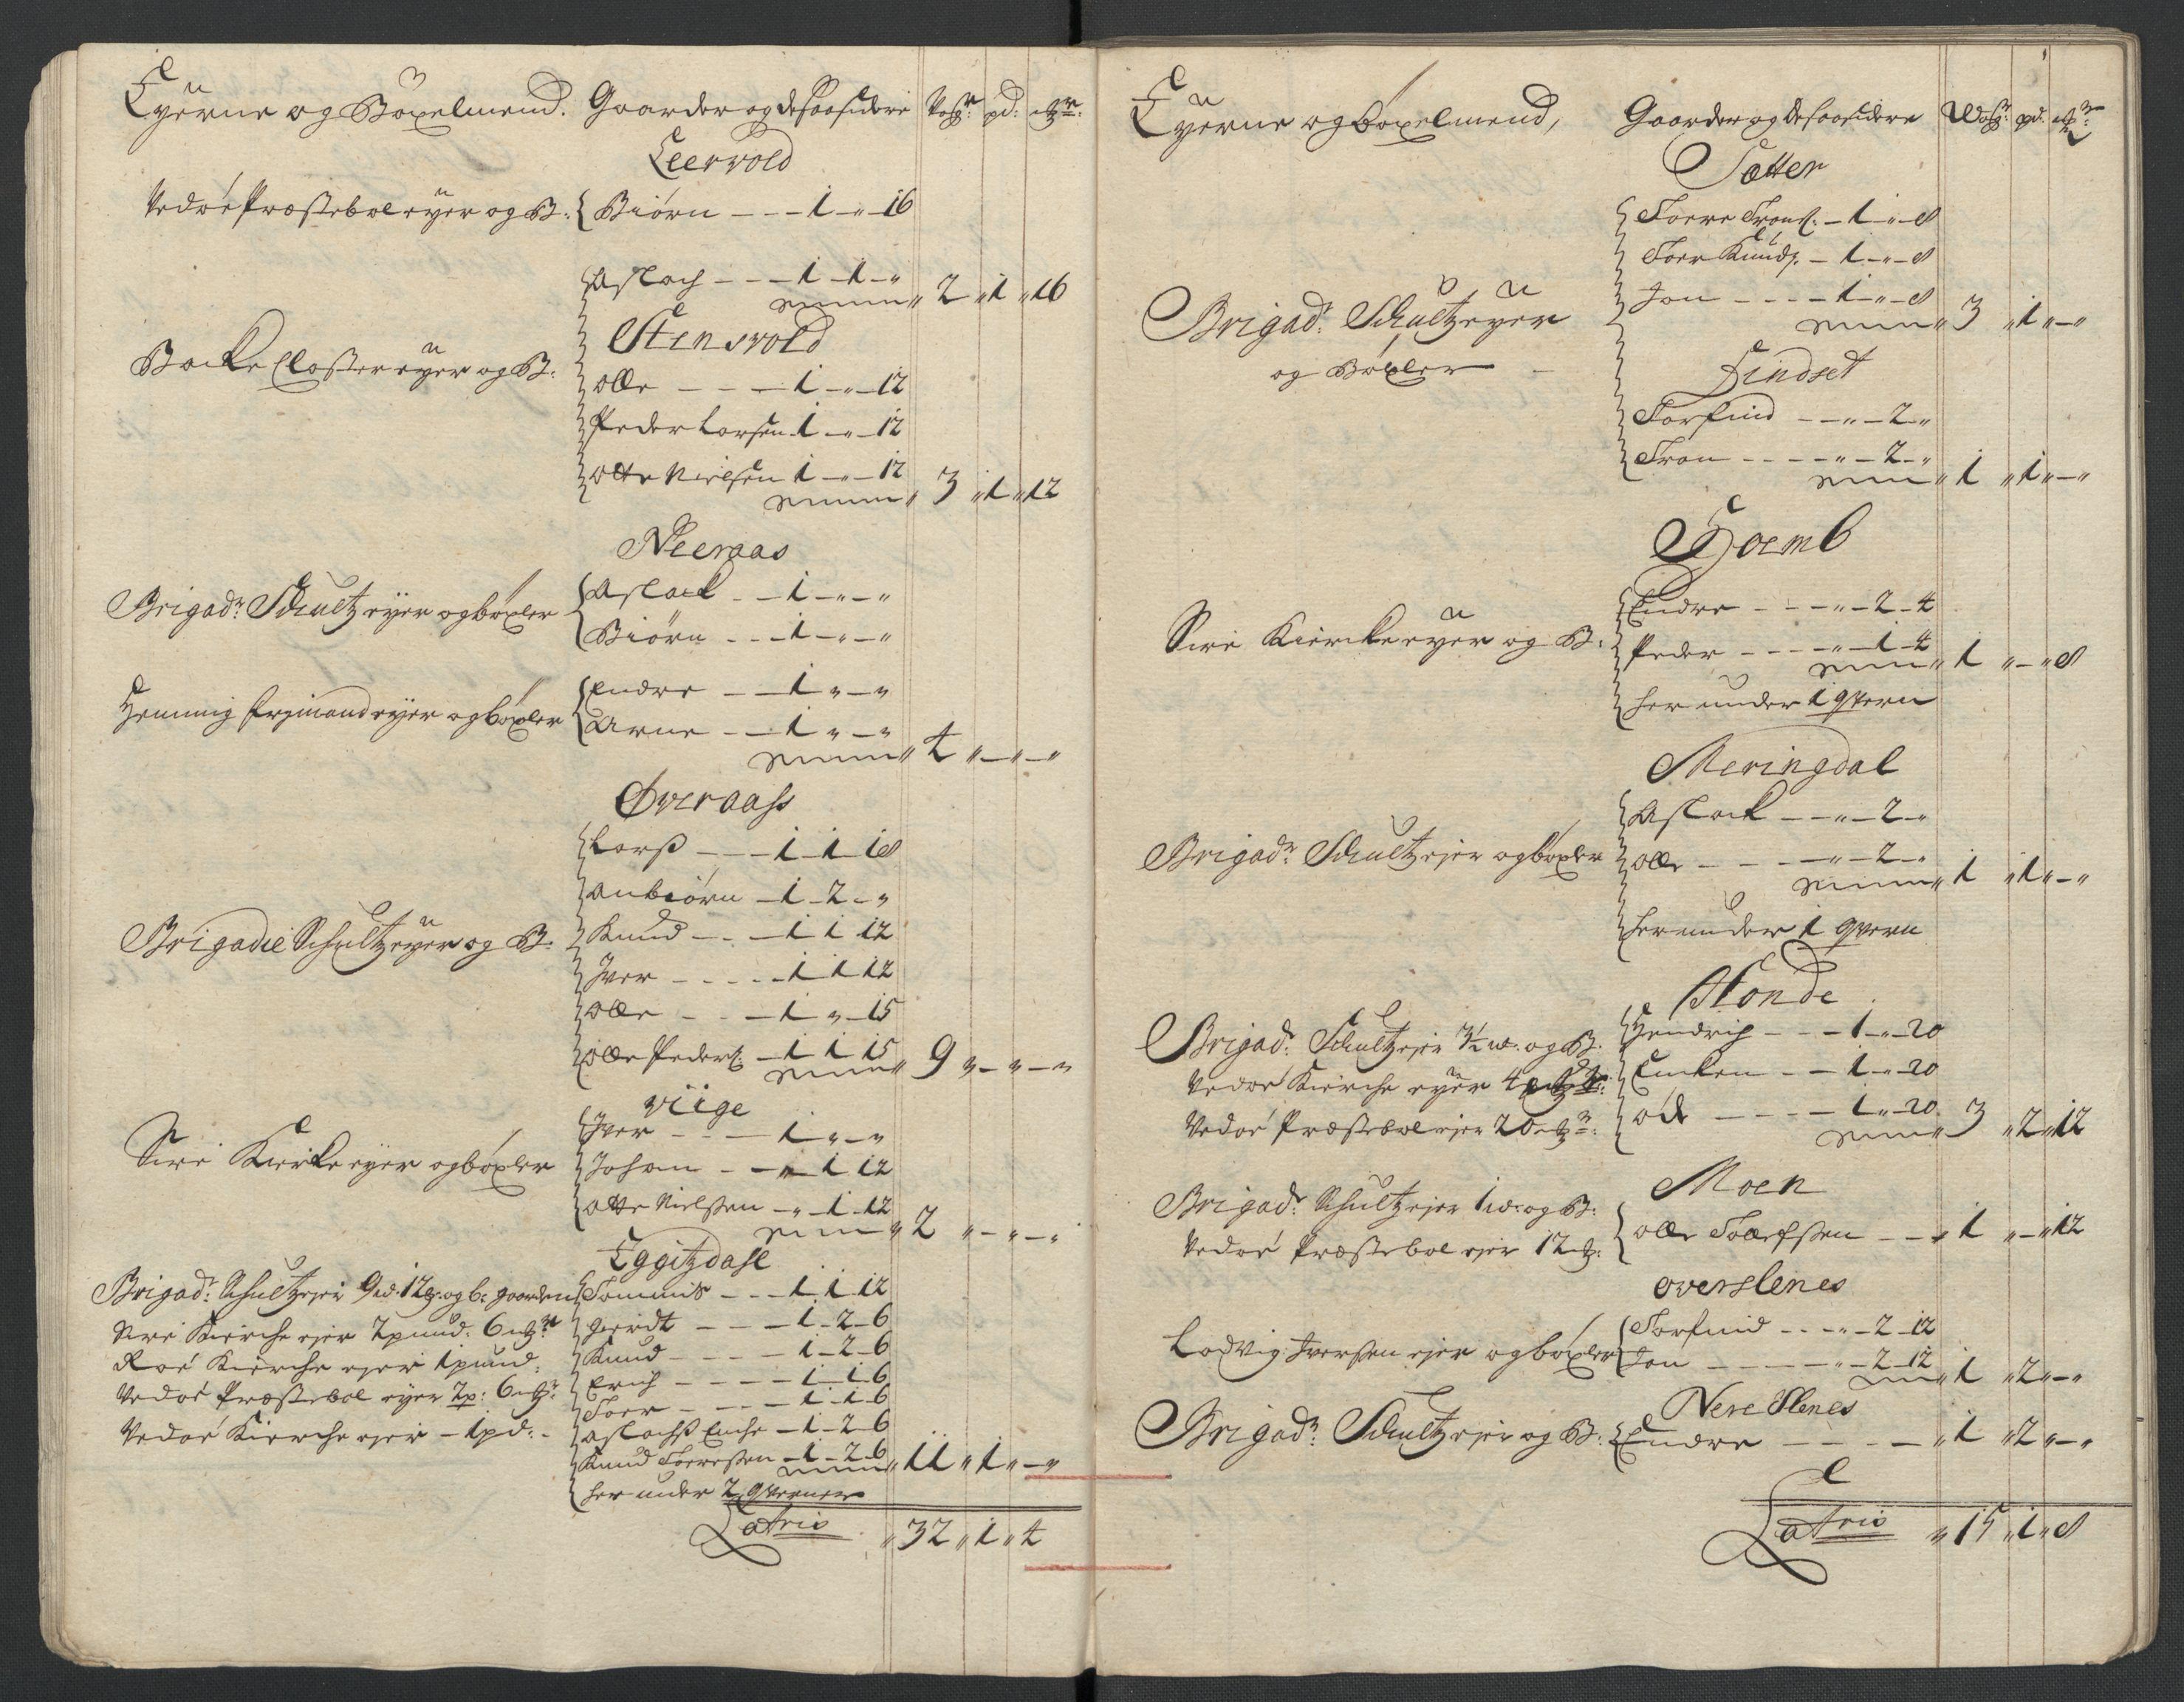 RA, Rentekammeret inntil 1814, Reviderte regnskaper, Fogderegnskap, R55/L3658: Fogderegnskap Romsdal, 1707-1708, s. 201